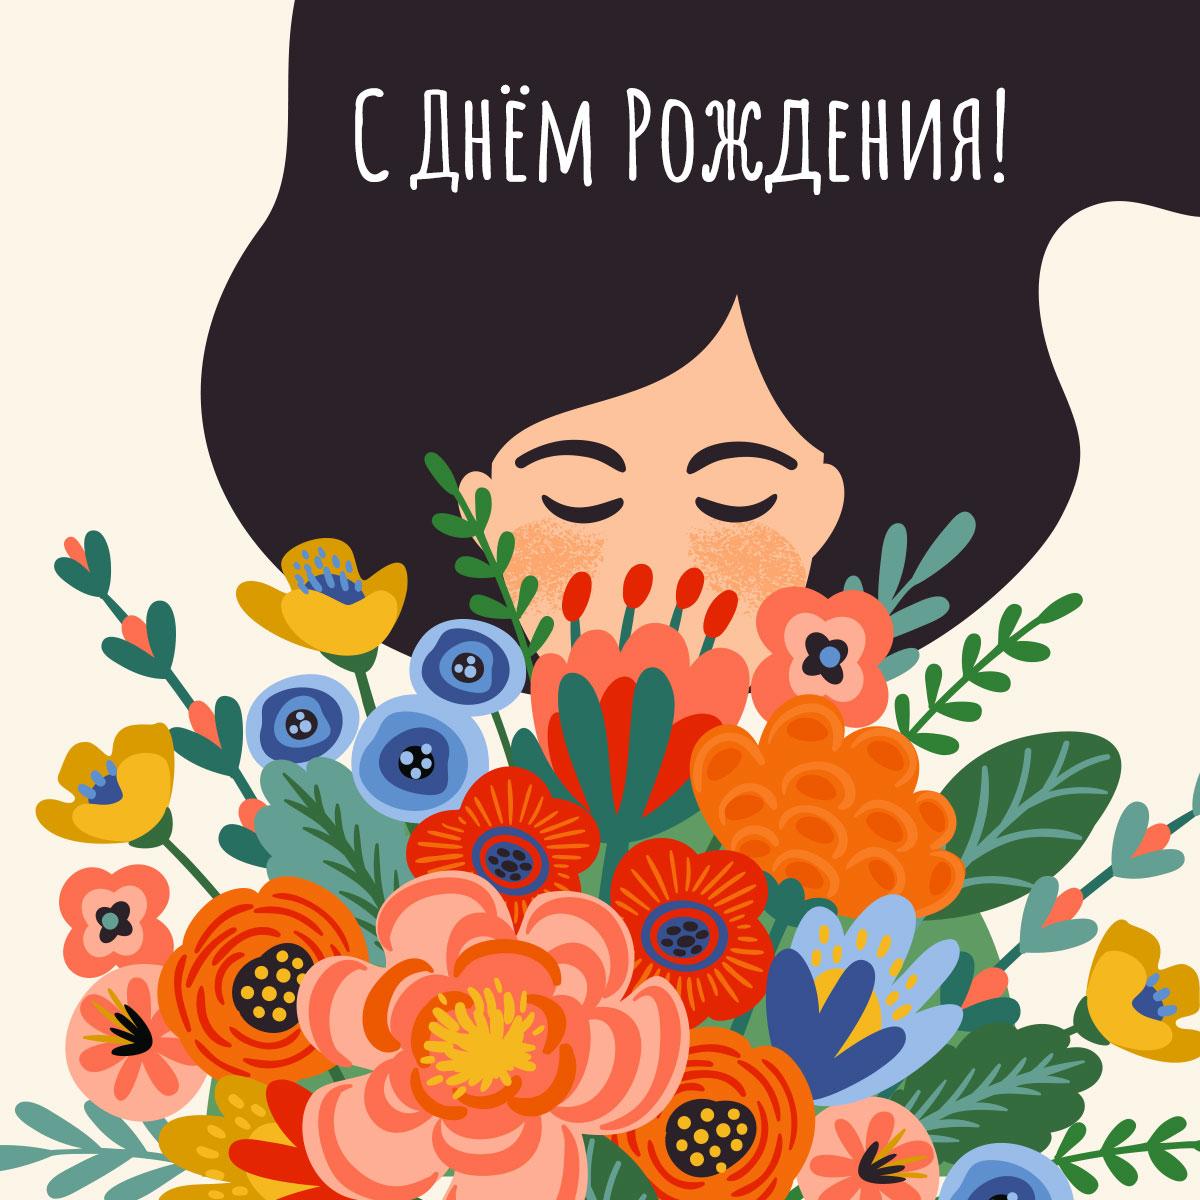 Рисунок женщины с черными волосами и букетом ярких цветов.